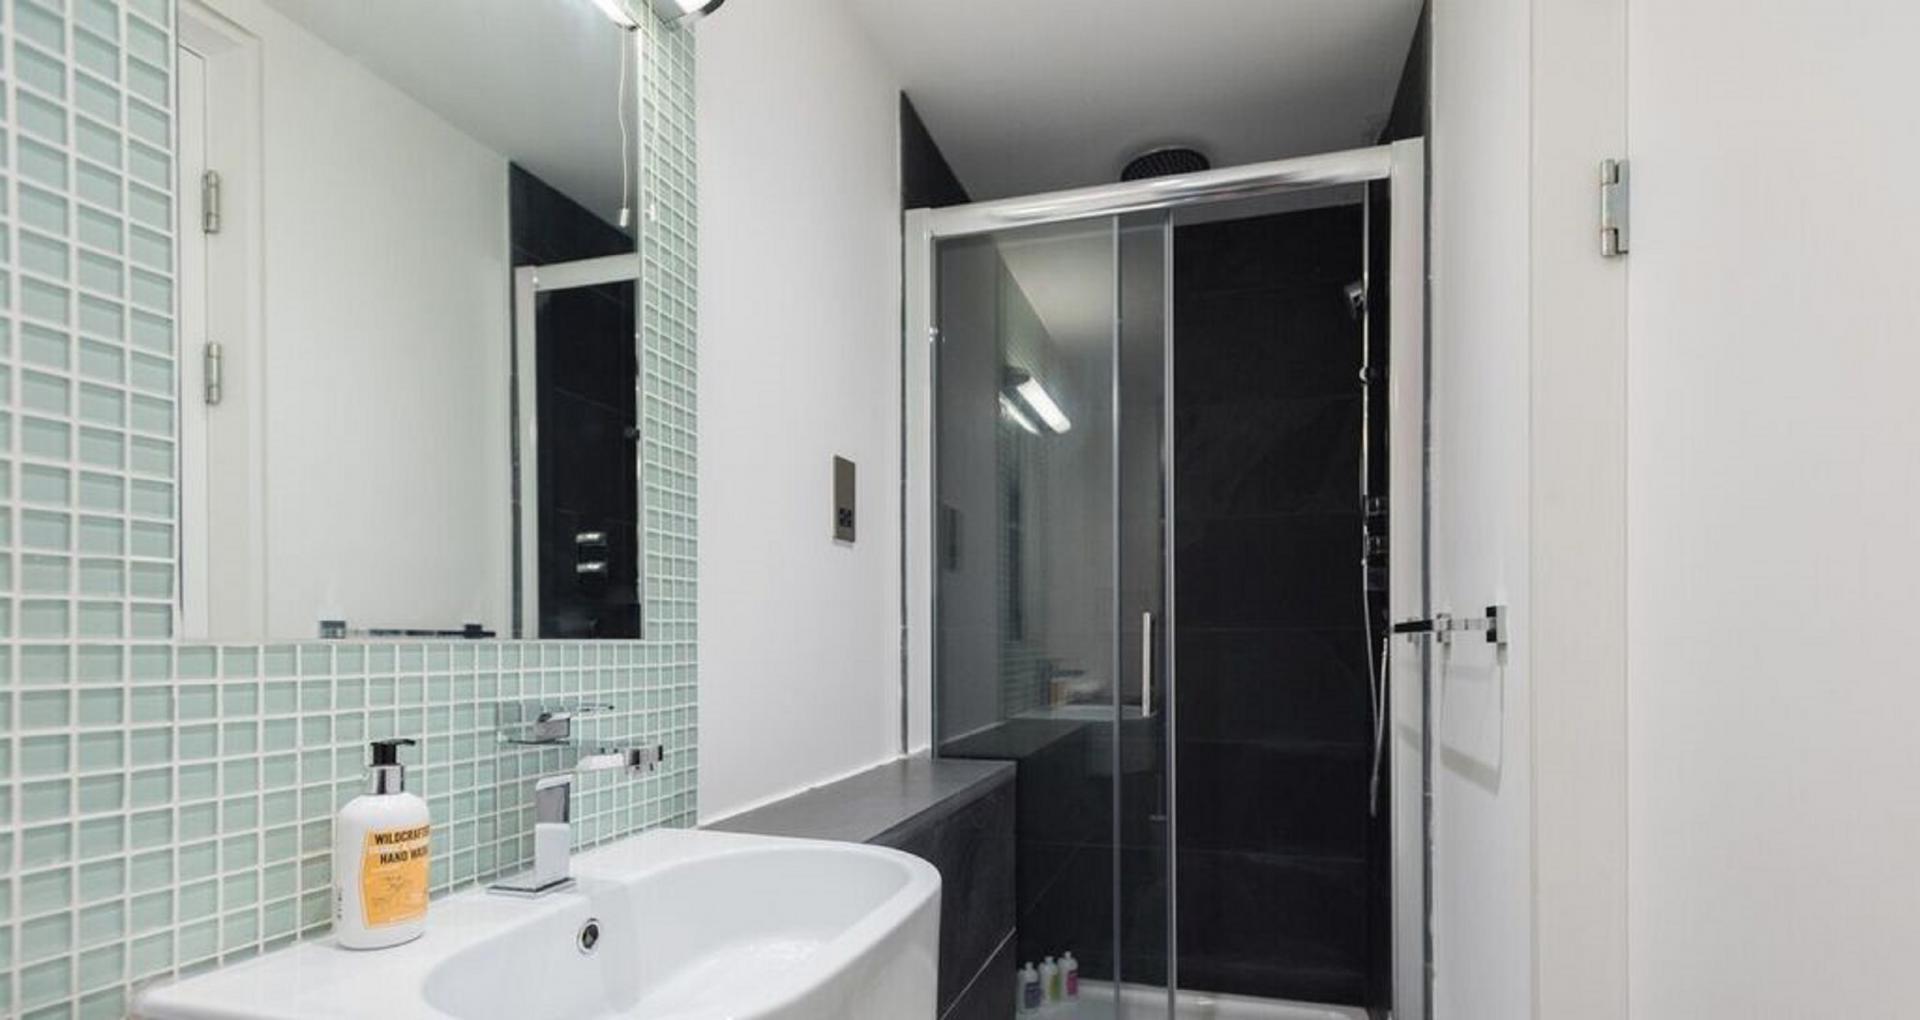 Bathroom at The Camden Chalet, Camden, London - Citybase Apartments